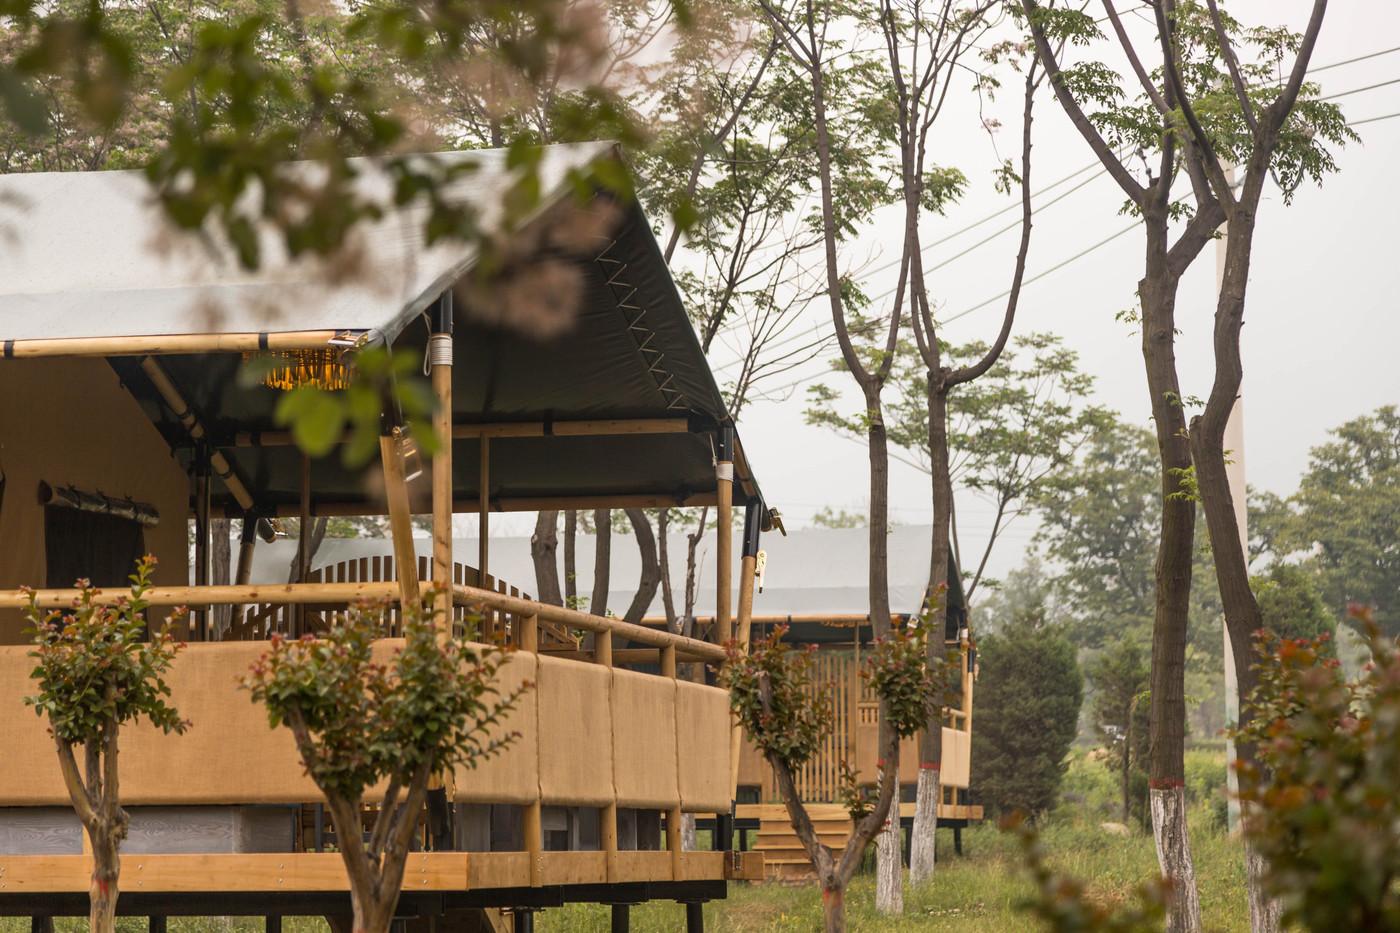 喜马拉雅野奢帐篷酒店—华山自驾游露营地(54平)6